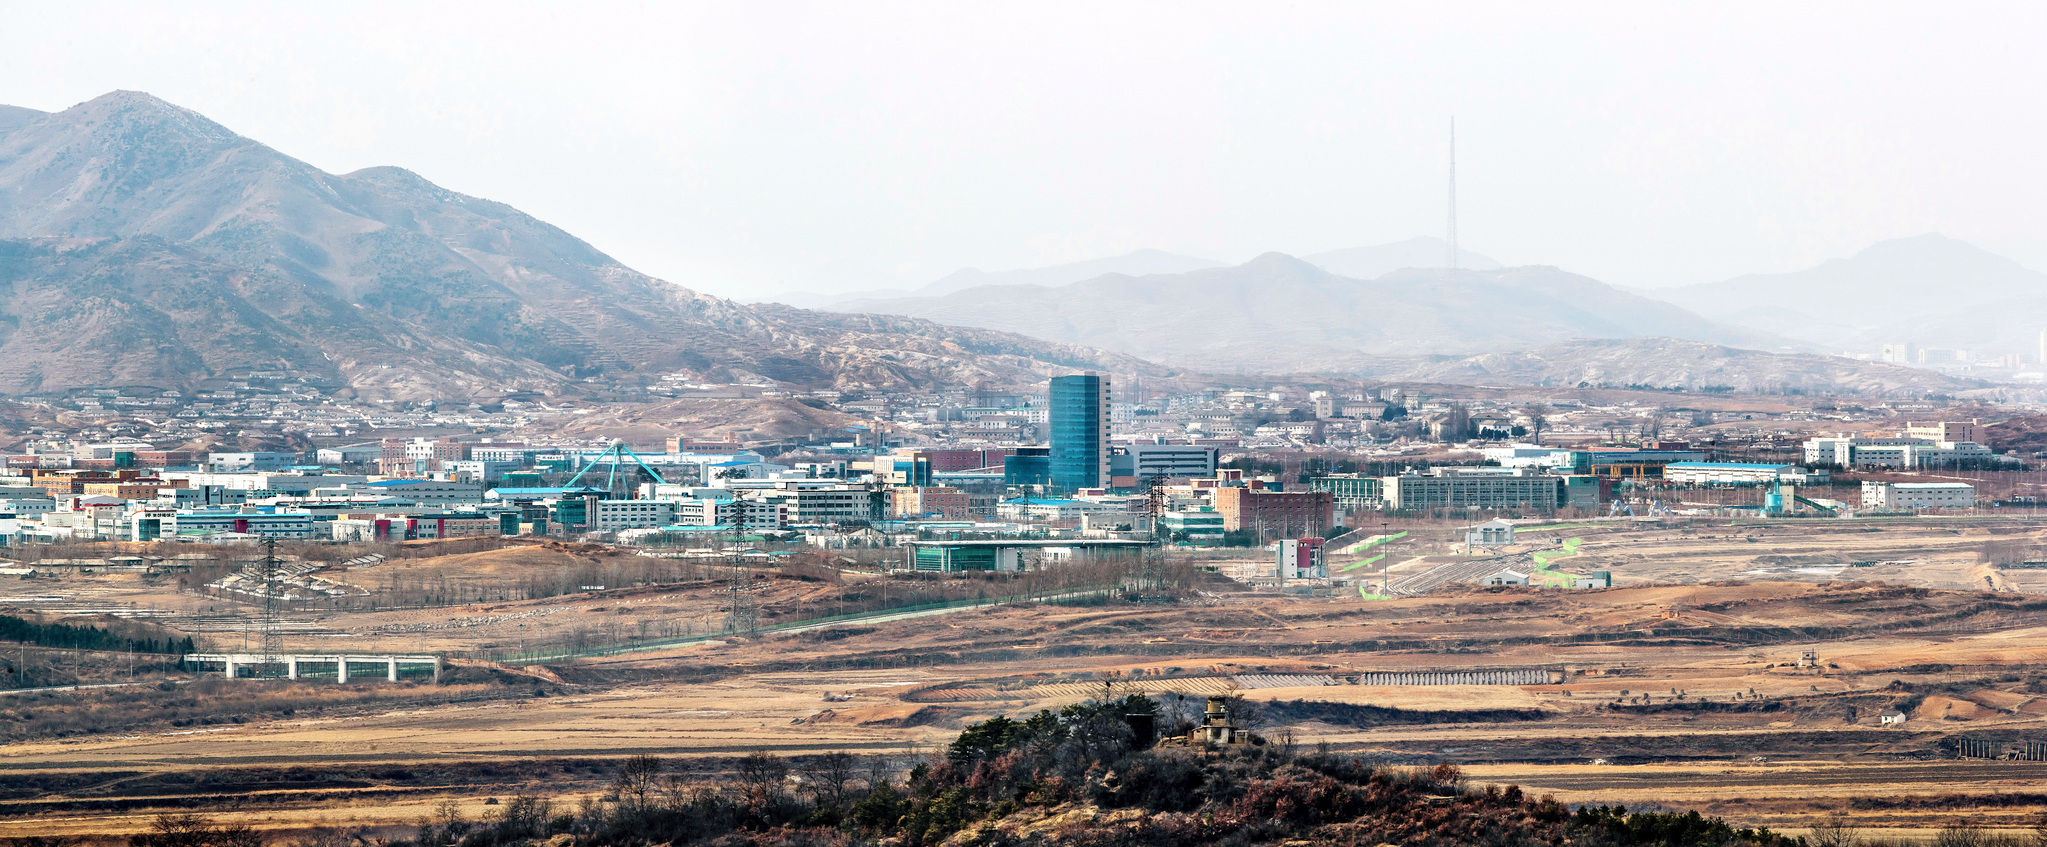 지난해 초 북한의 4차 핵실험과 장거리 로켓(미사일) 발사로 정부가 개성공단 가동을 중단했다. 123개의 기업이 가동 중이던 개성공단은 정적이 감돌았다. [사진 중앙포토]